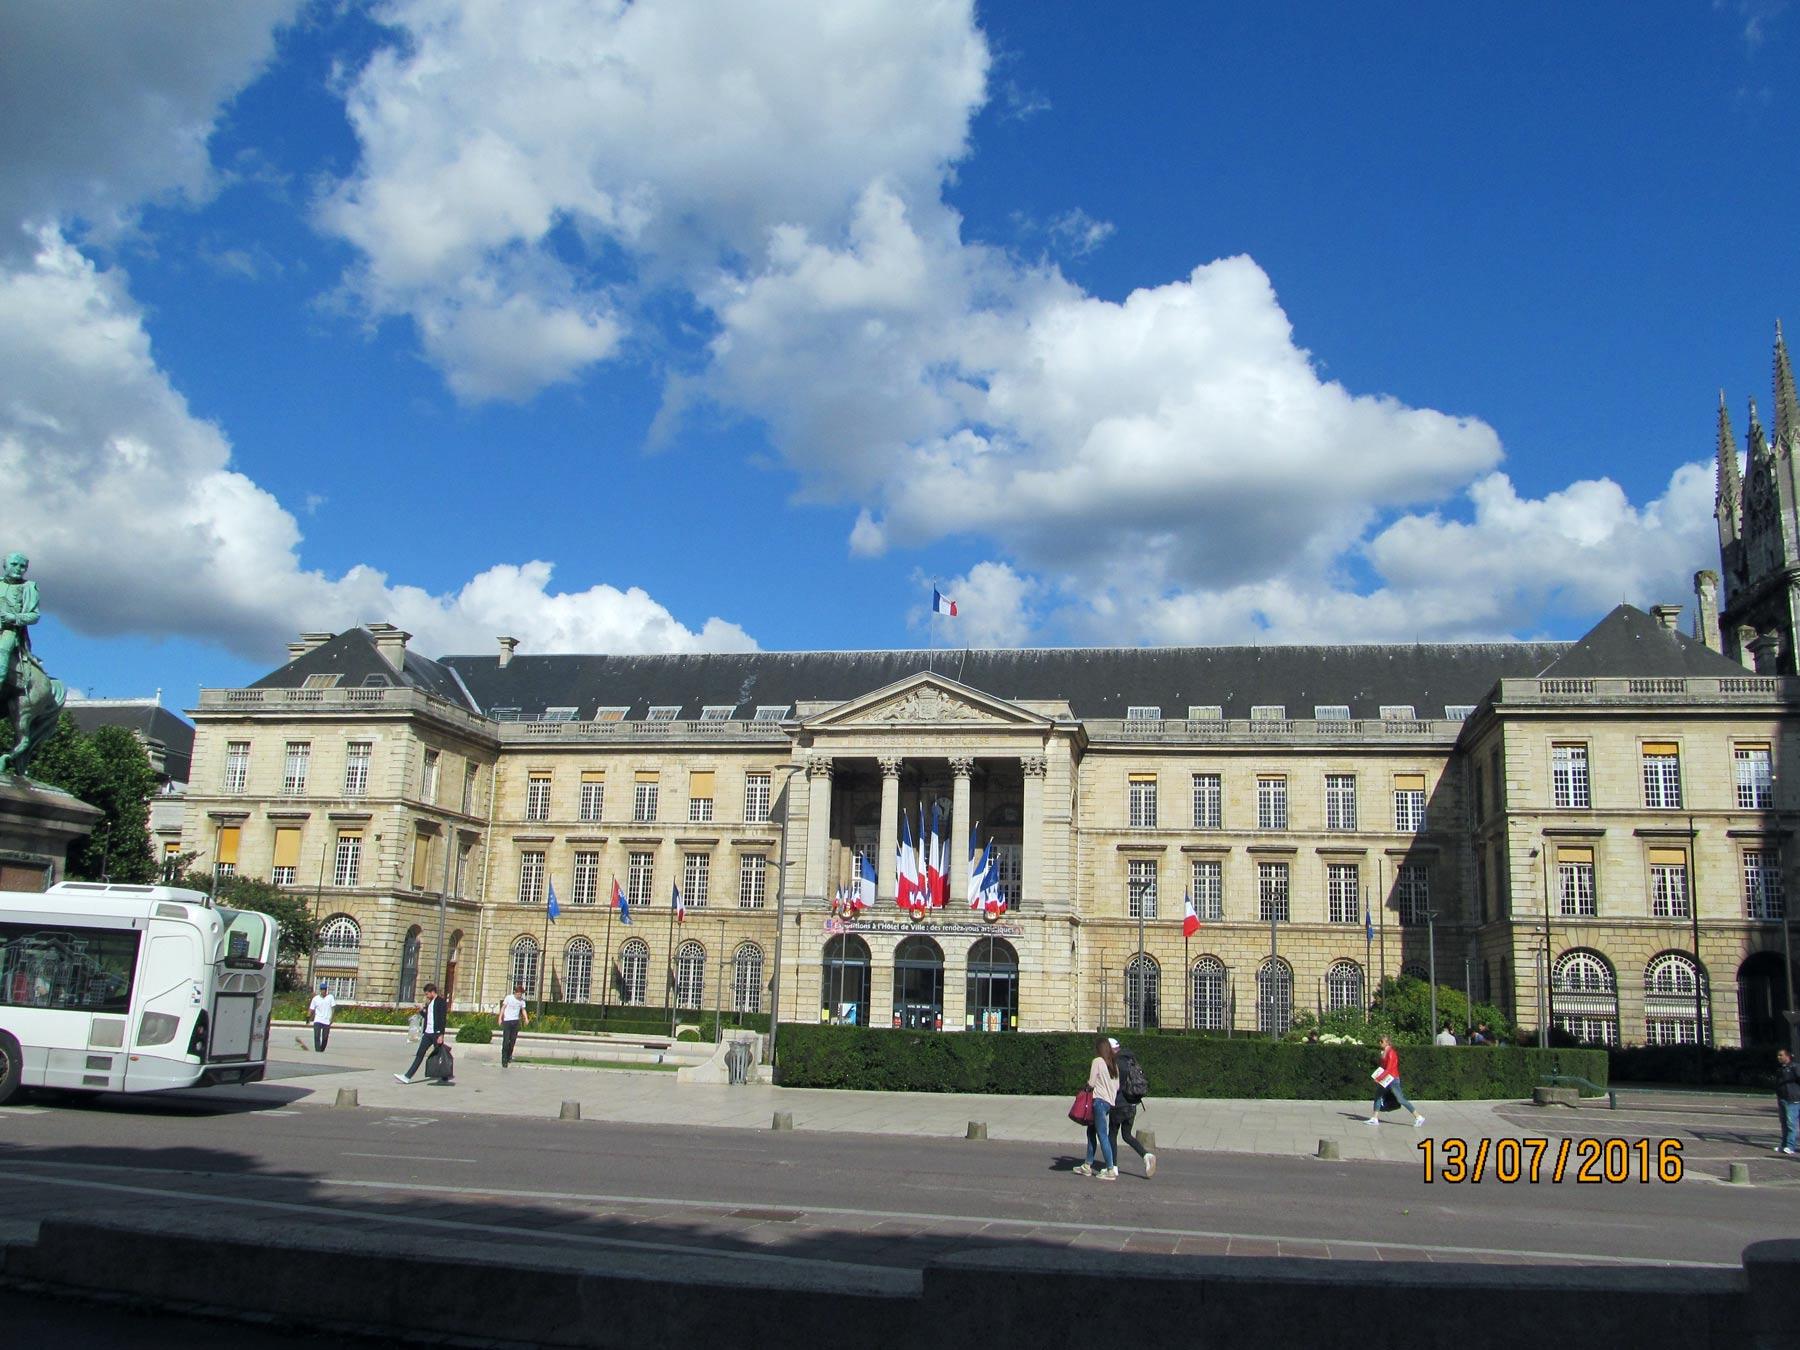 достопримечательности Руана, Нормандия. Дворец правосудия